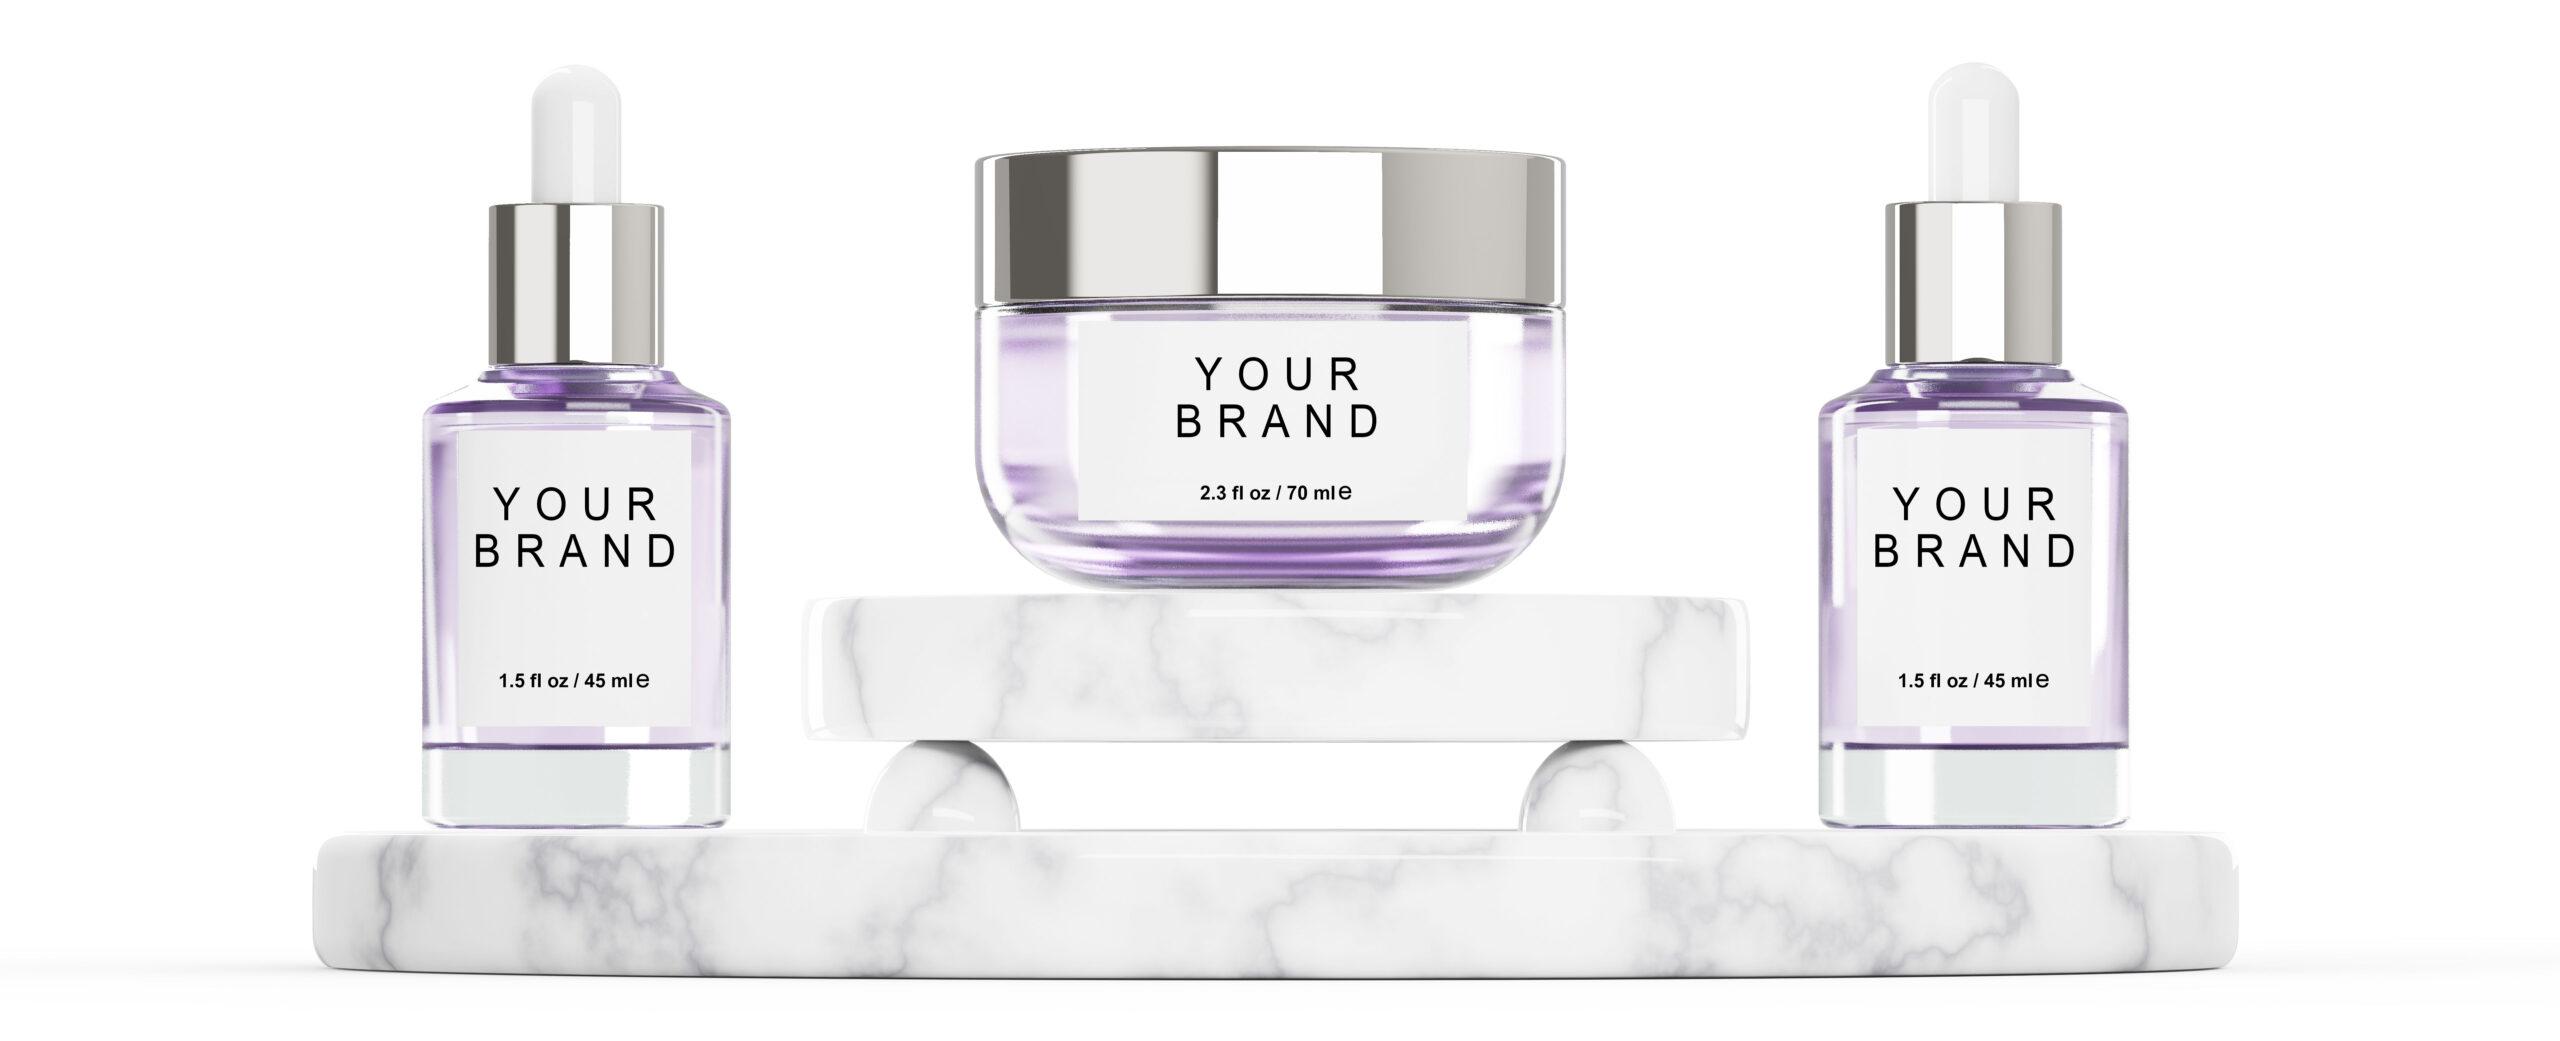 Slide con l'immagine di flaconi e vasetti cosmetici in vetro viola da brandizzare.